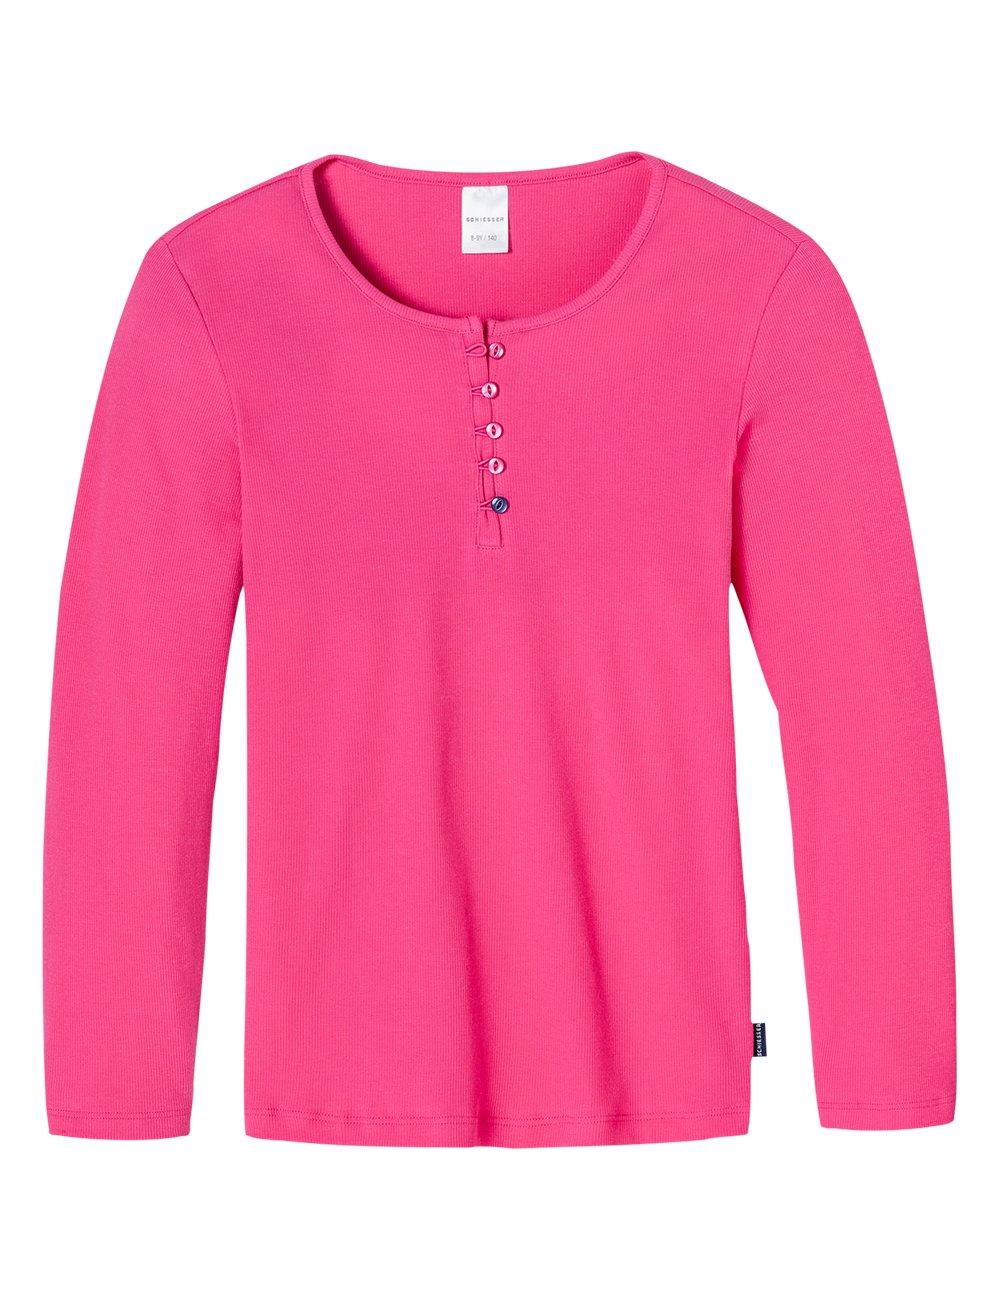 Schiesser - Shirt 1/1, Pajama camicia da bambine e ragazze 146019